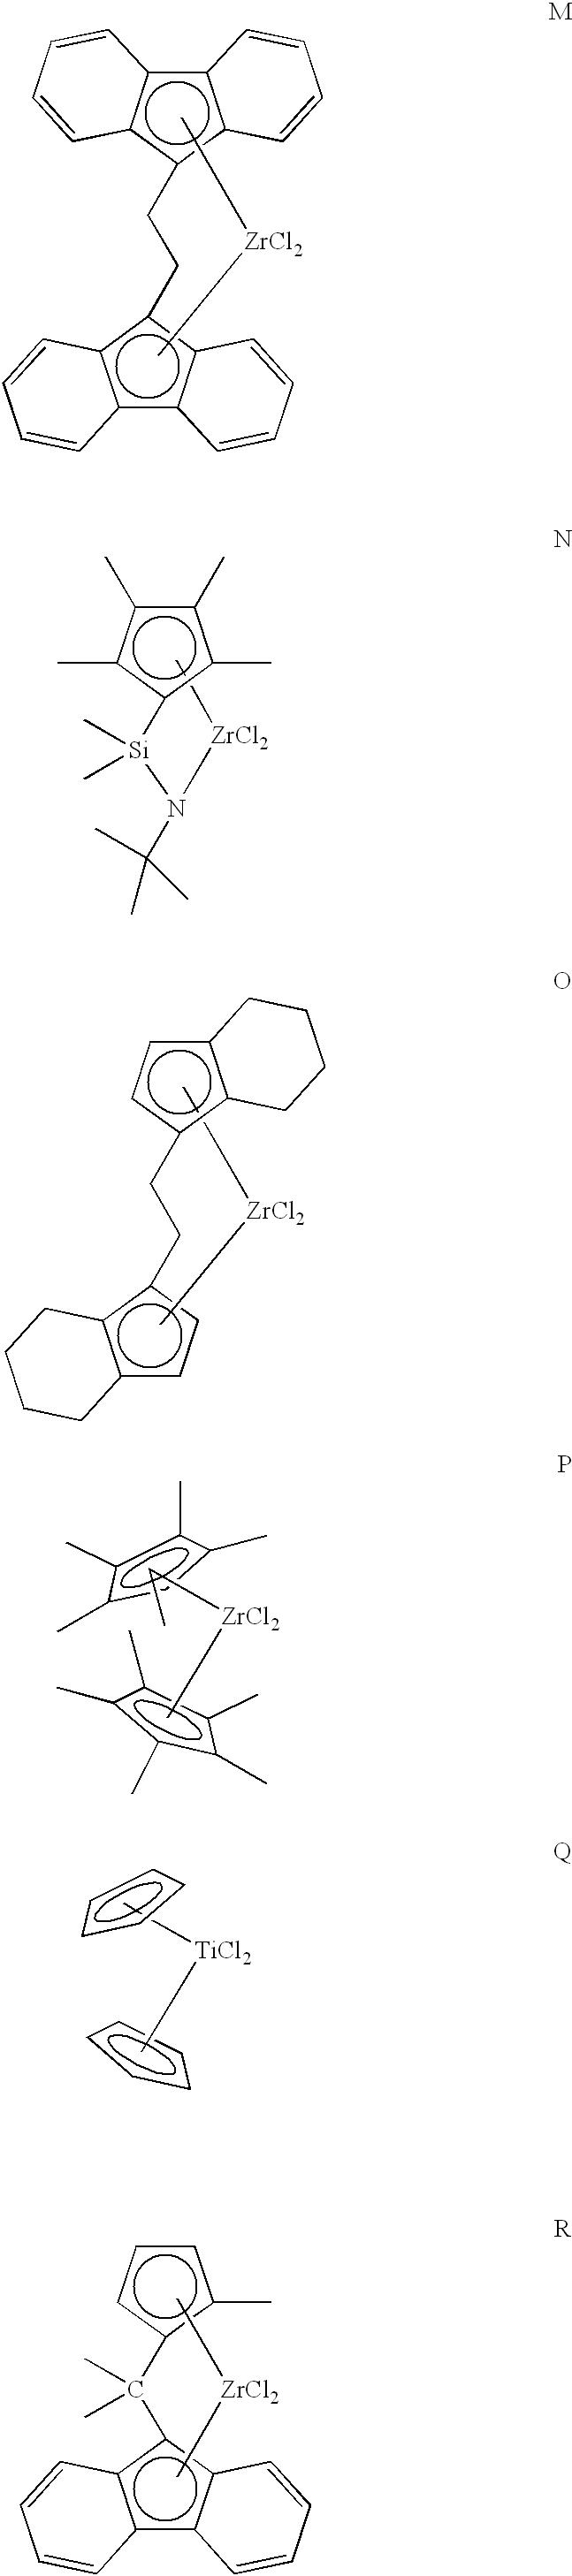 Figure US06423848-20020723-C00036